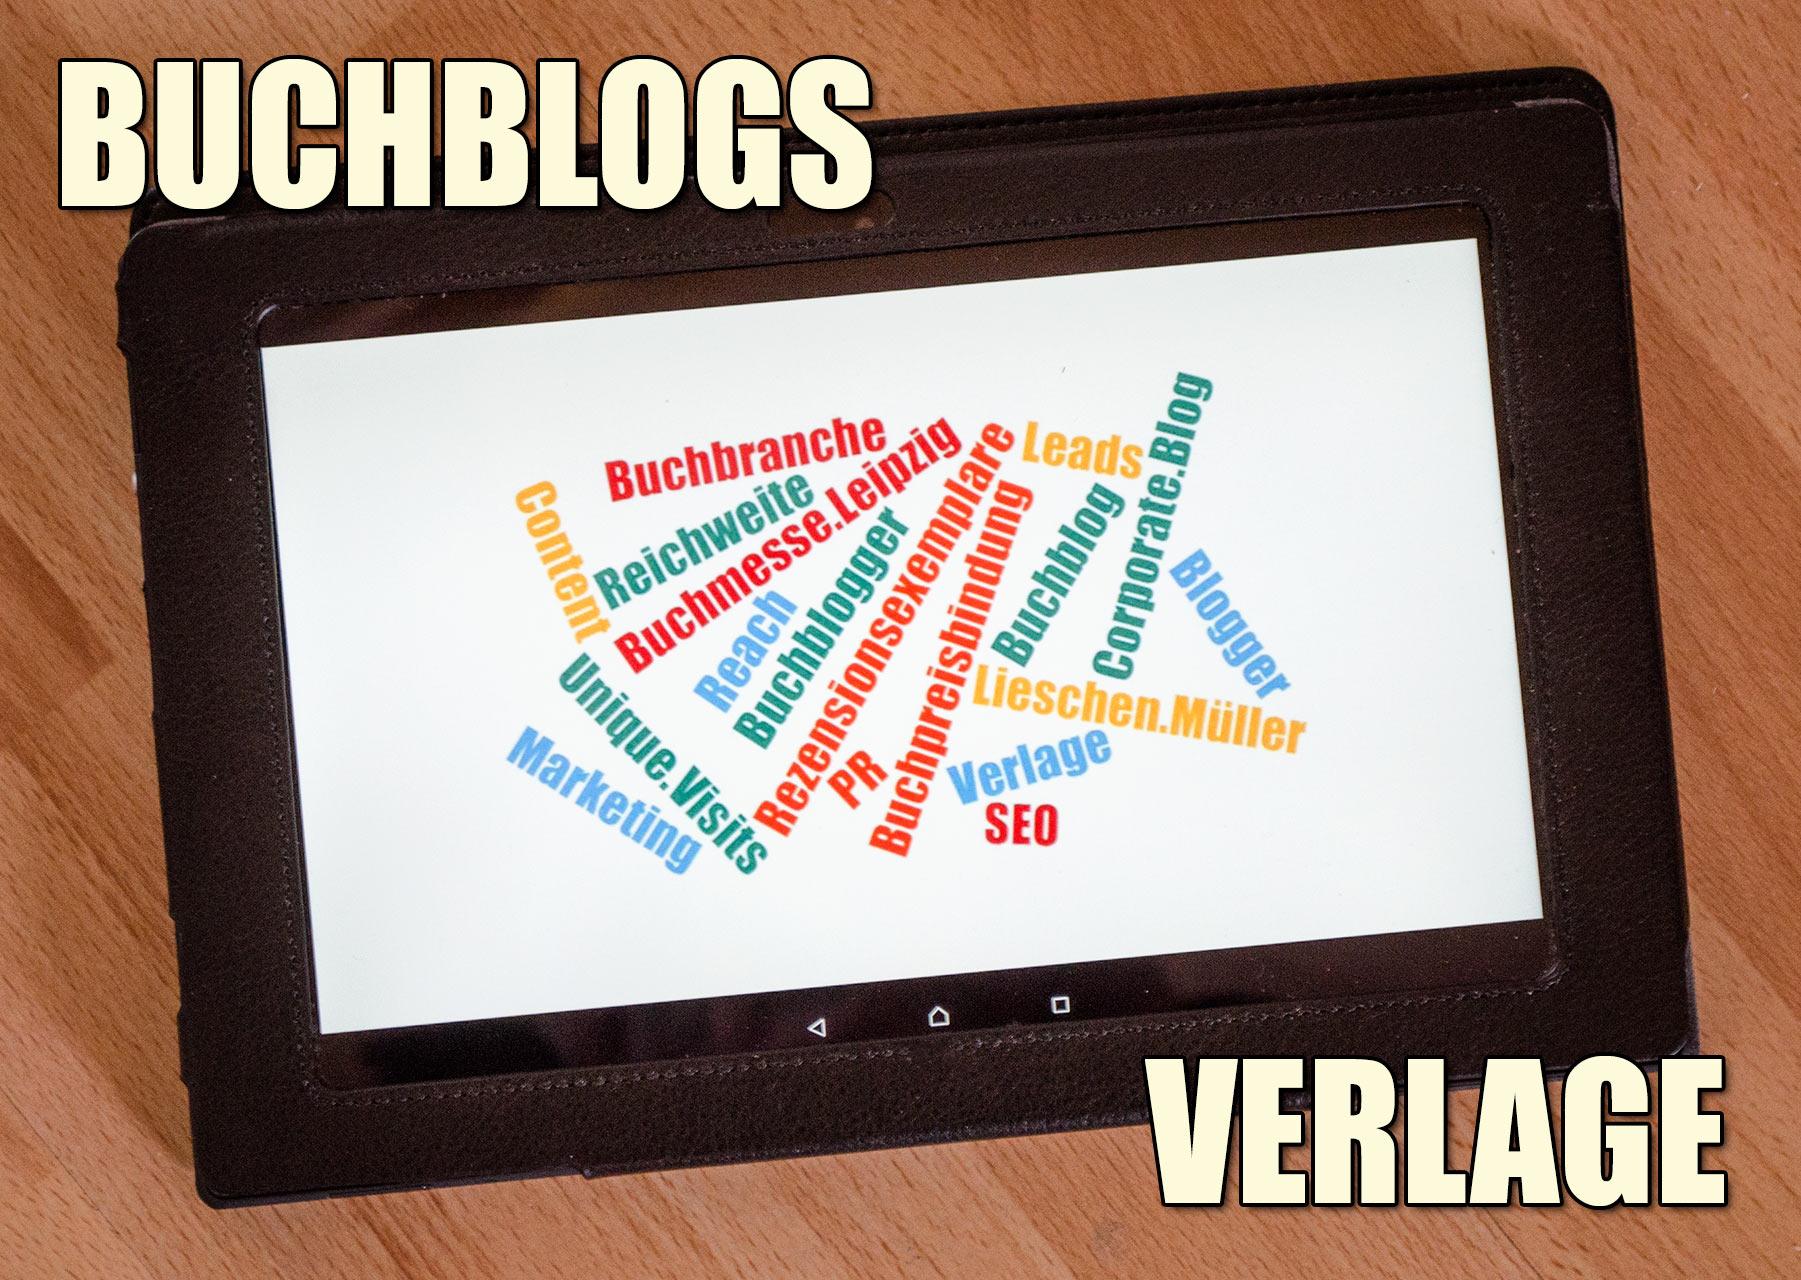 Buchblogs müssen sich professionalisieren? Einen Scheiß müssen Buchblogs!